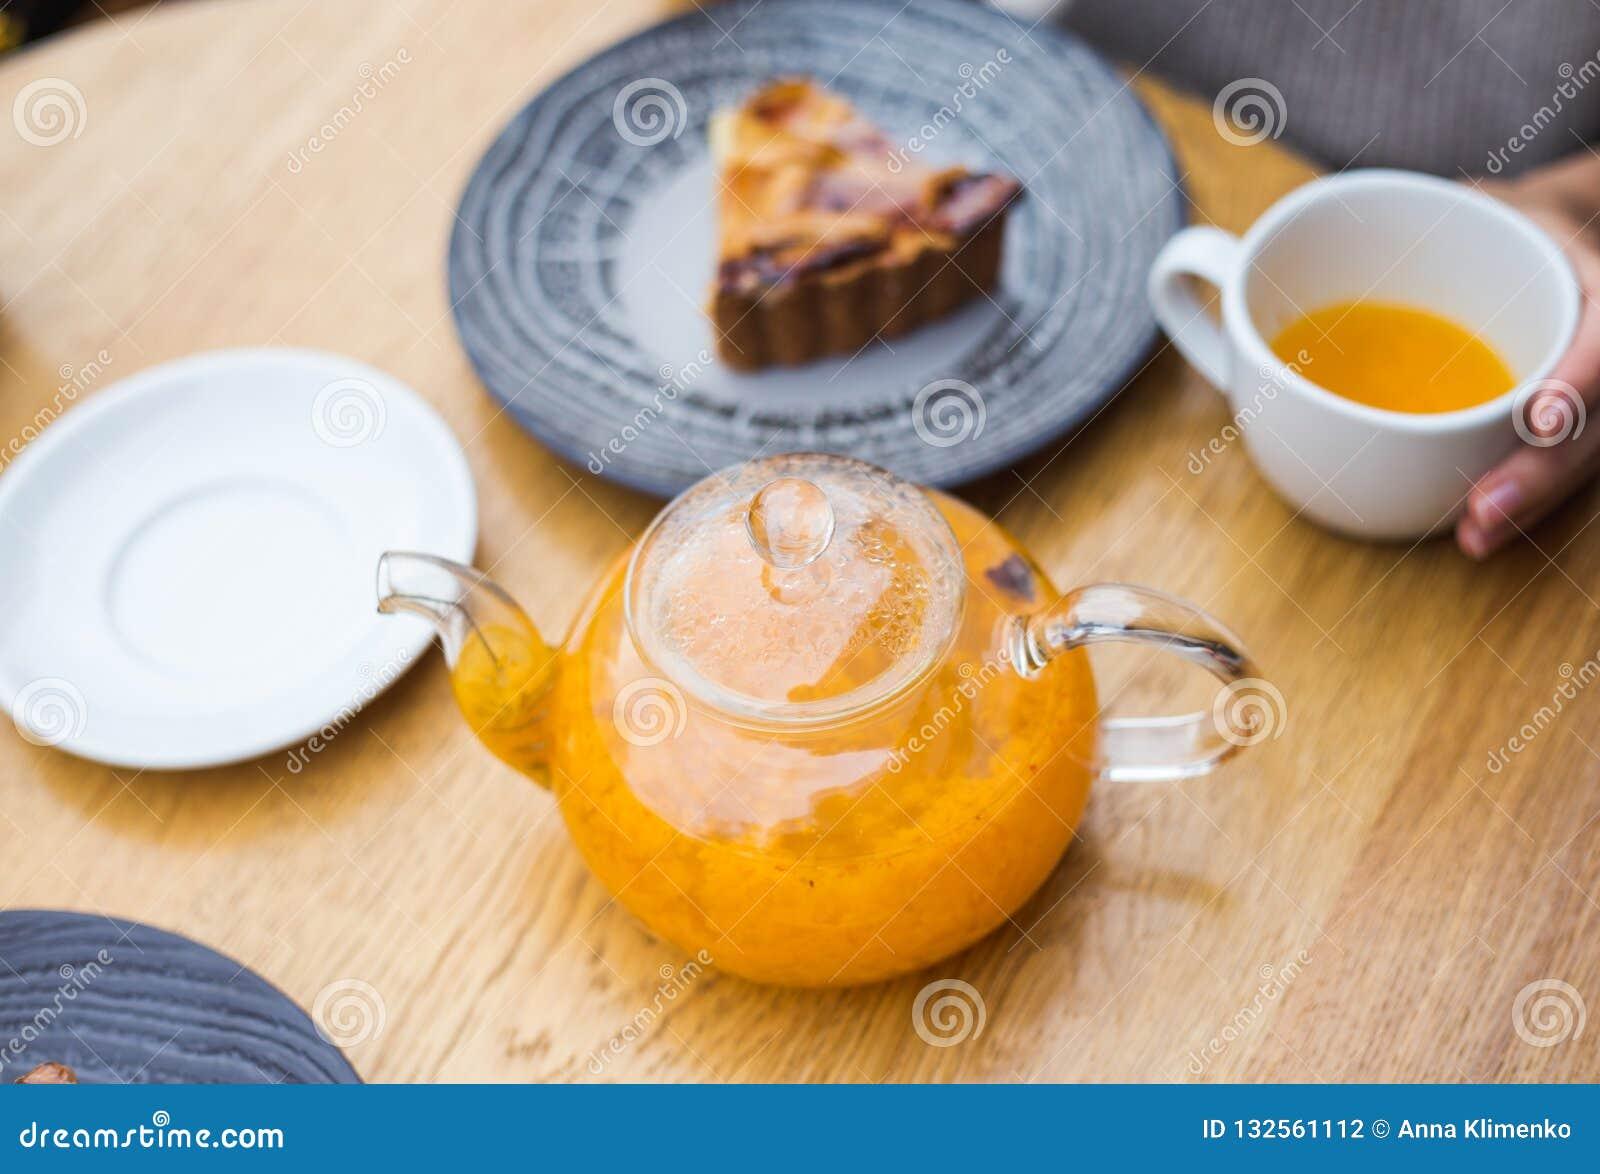 茶壶橙色茶和蛋糕pice